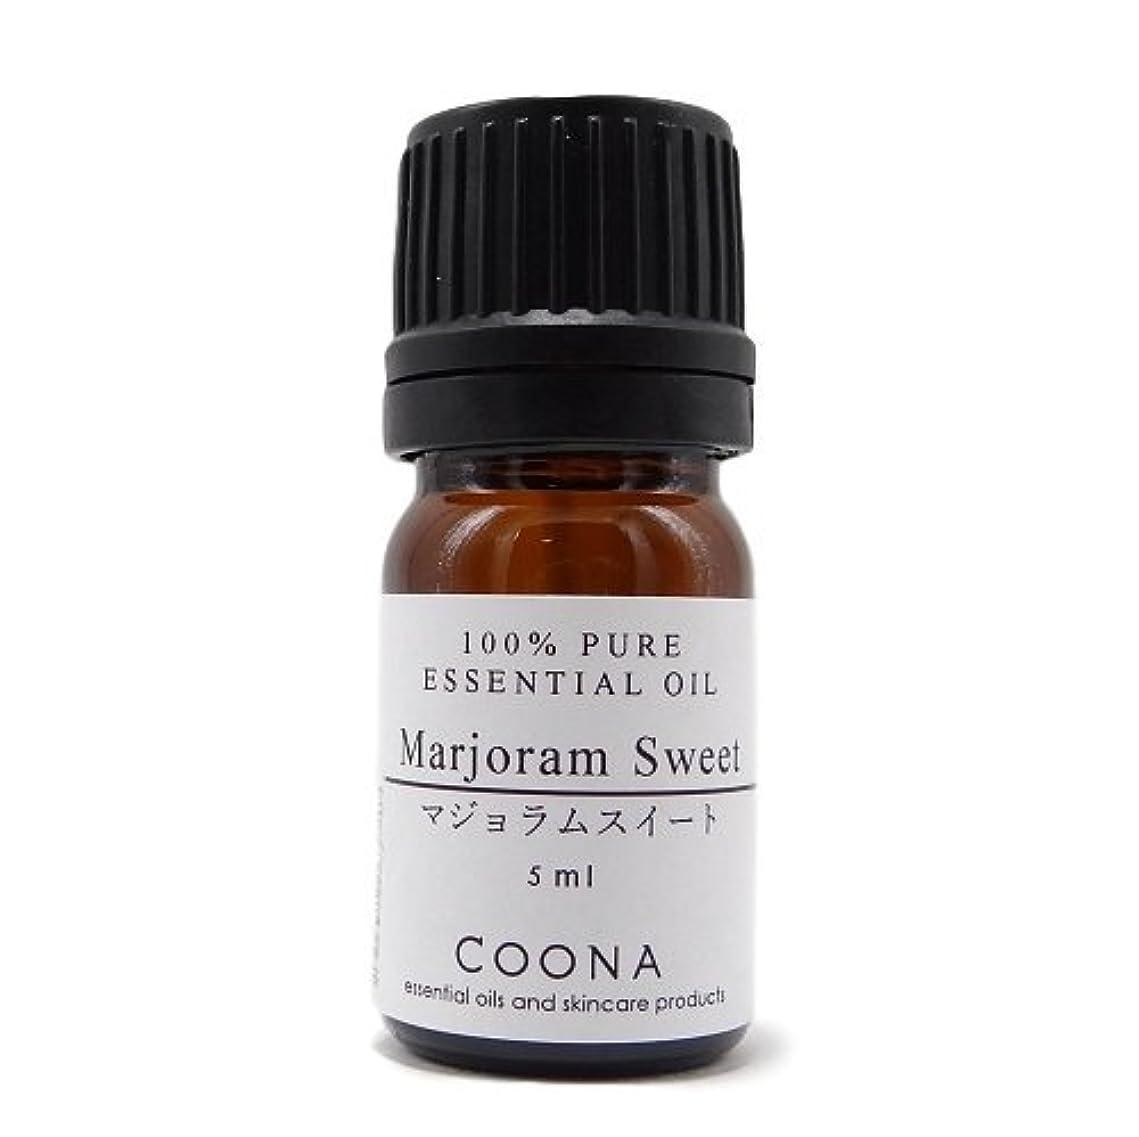 見込み高い浴マジョラム スイート 5 ml (COONA エッセンシャルオイル アロマオイル 100%天然植物精油)